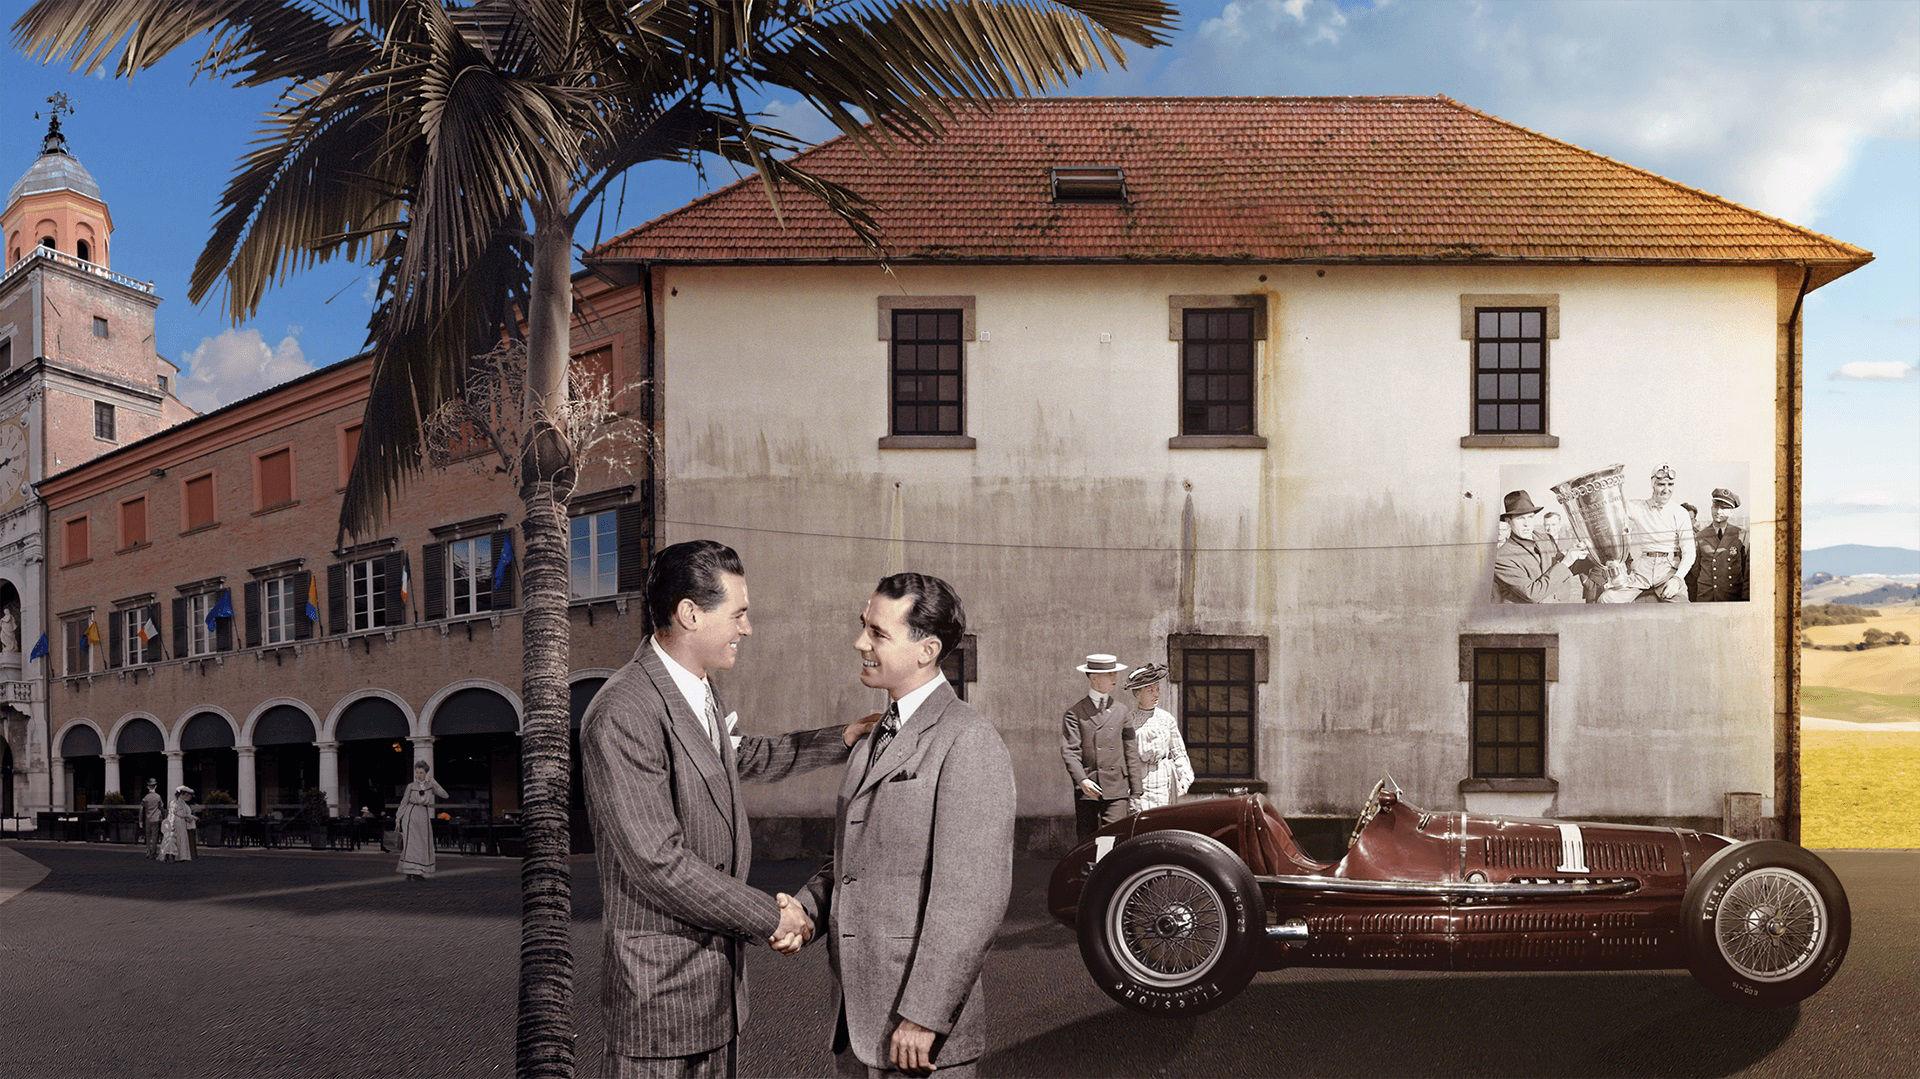 Storia di Maserati - 1930: Adolfo Orsi, imprenditore di Modena, compra il marchio Maserati